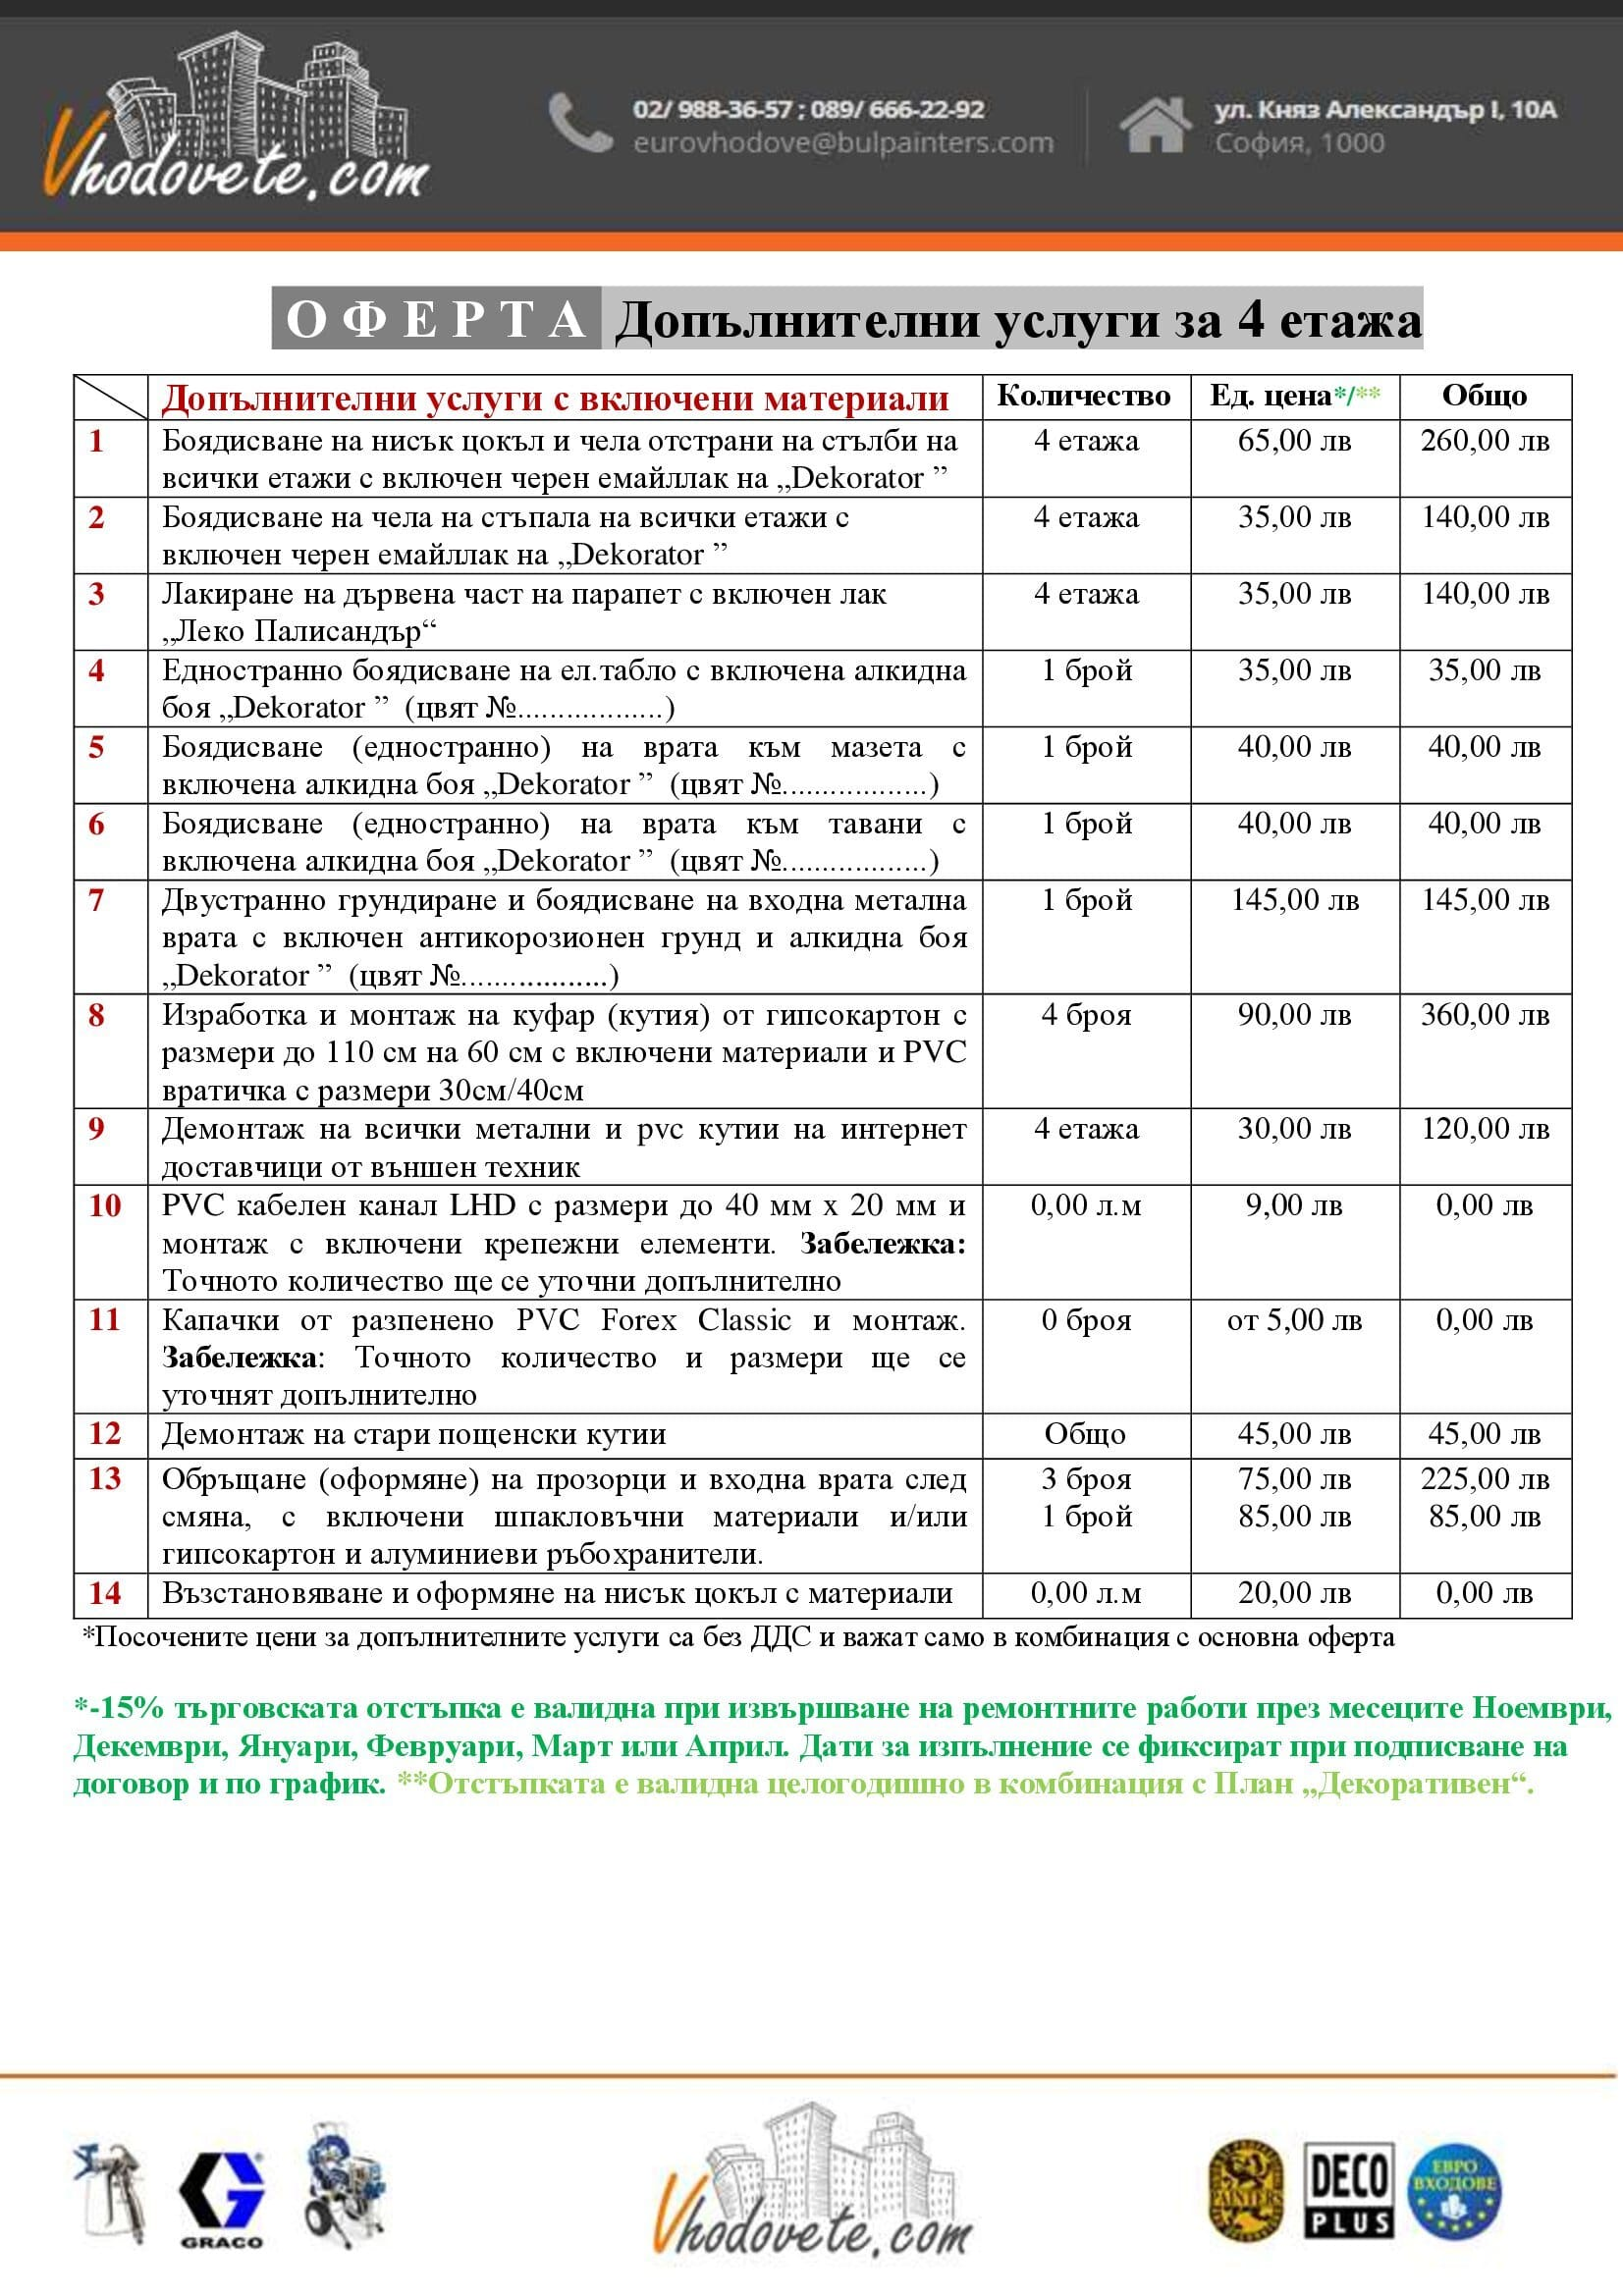 5-Dopulnitelni-uslugi-za-4-et-01052021